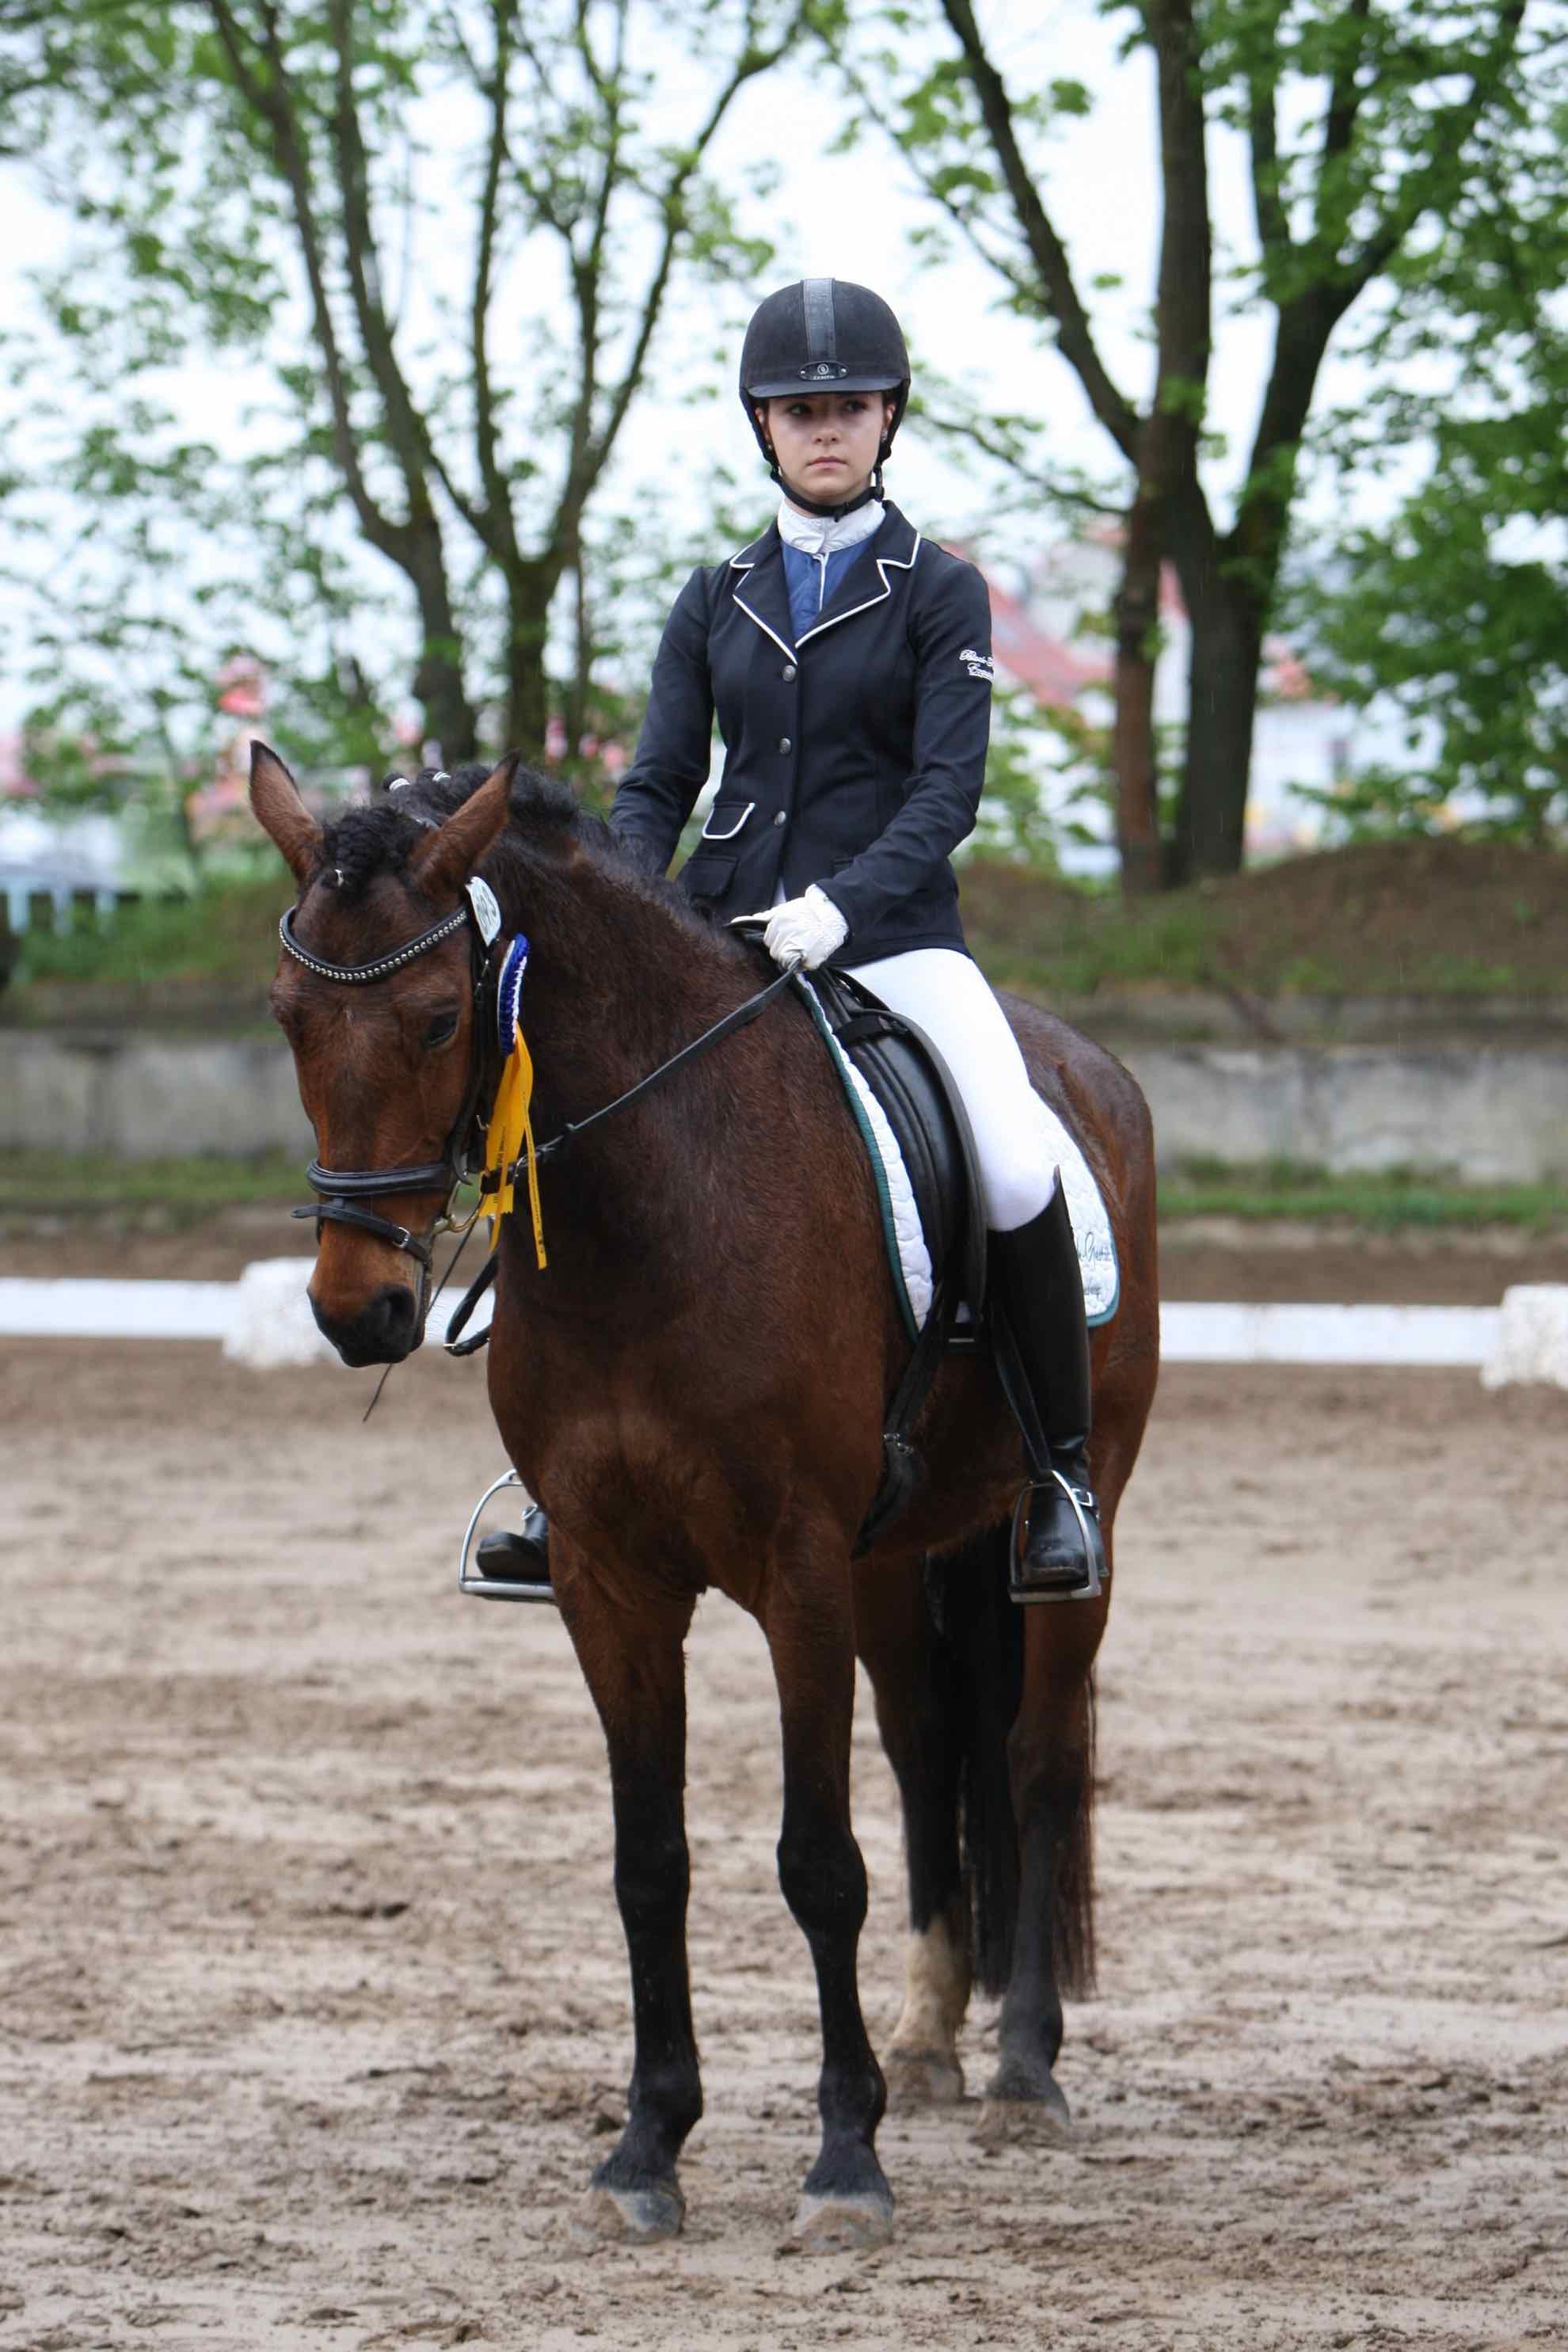 Prüfung 22 Komb. Wettbewerb - 1. Platz - Antonia Kircher auf  Esmeralda del Leccione - RUF Pfungstadt e.V.